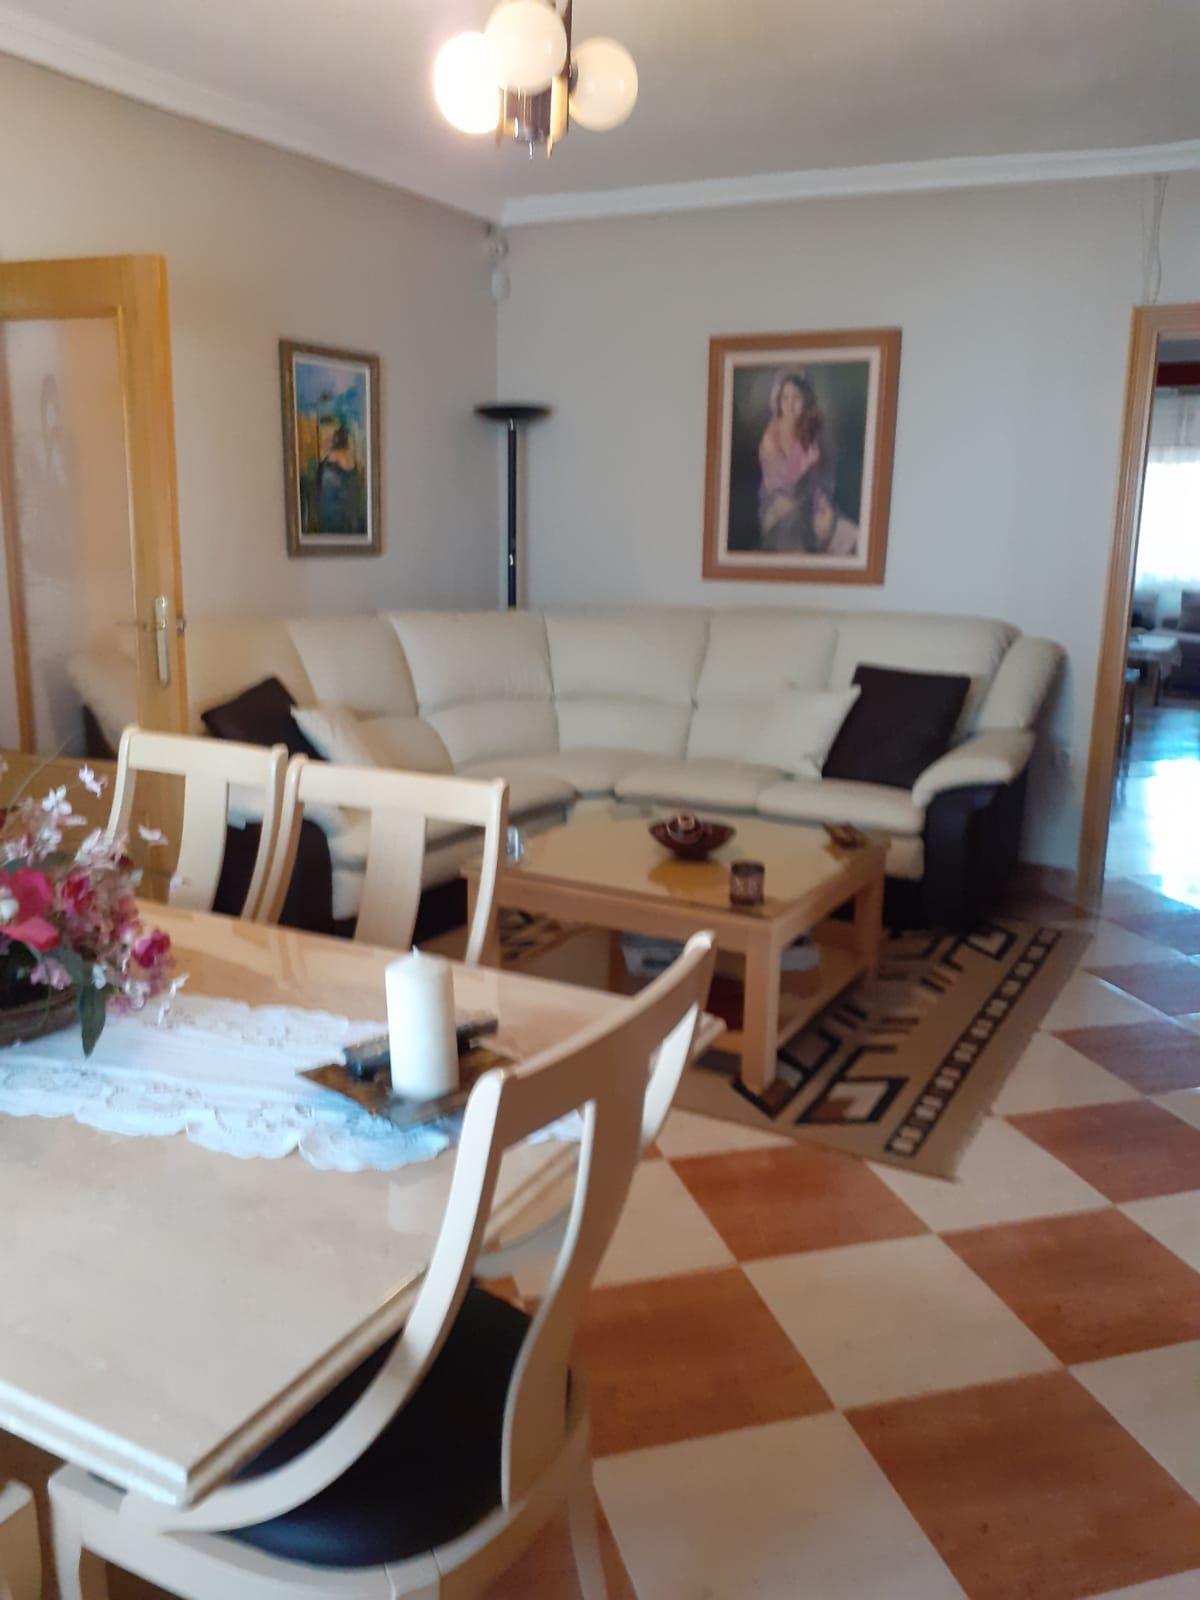 Casa en venta en Cinco Casas, Alcázar de San Juan, Ciudad Real, Calle Labradores (cinco Casas), 125.000 €, 5 habitaciones, 3 baños, 700 m2